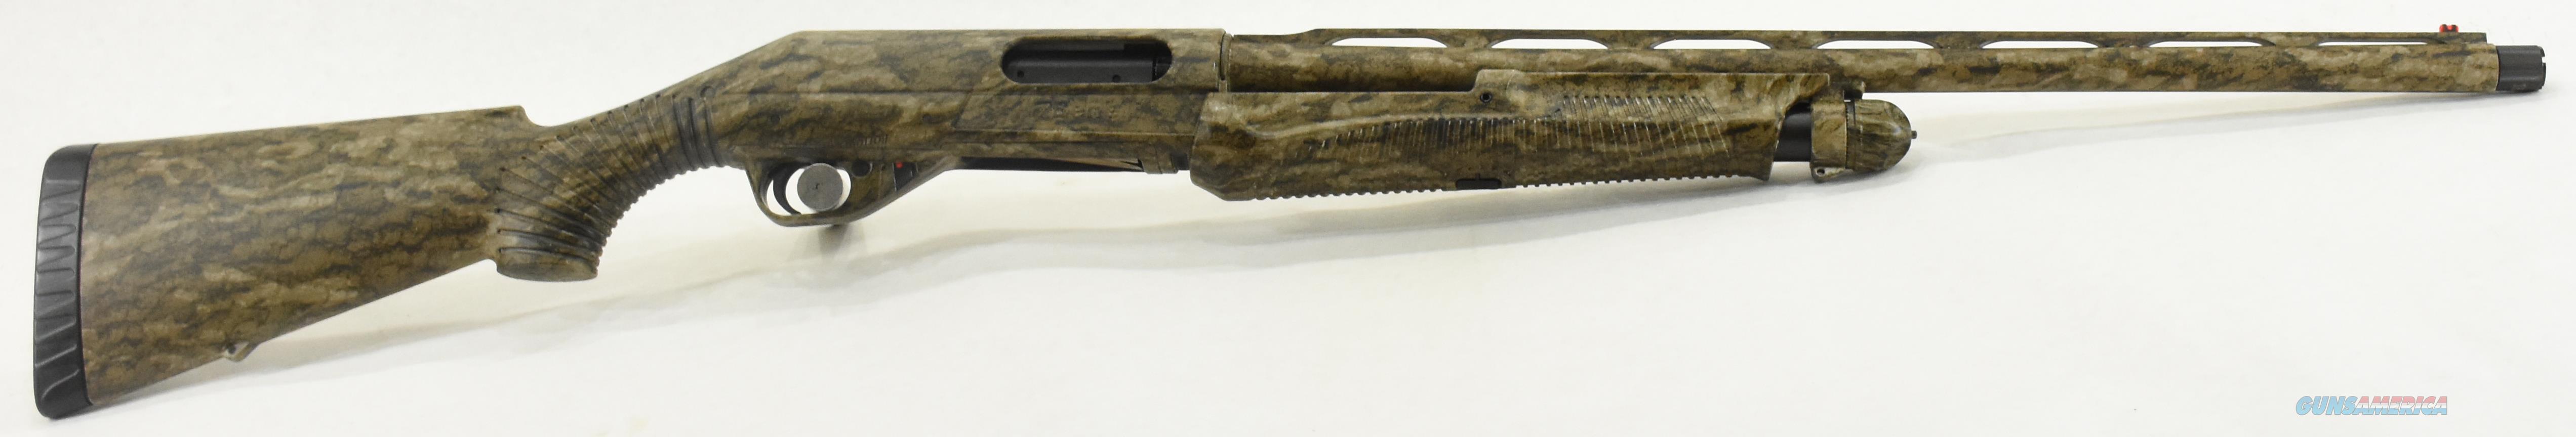 20016 Benelli Nova Turkey Bottomland 12 Ga 24In NIB  Guns > Shotguns > Benelli Shotguns > Sporting